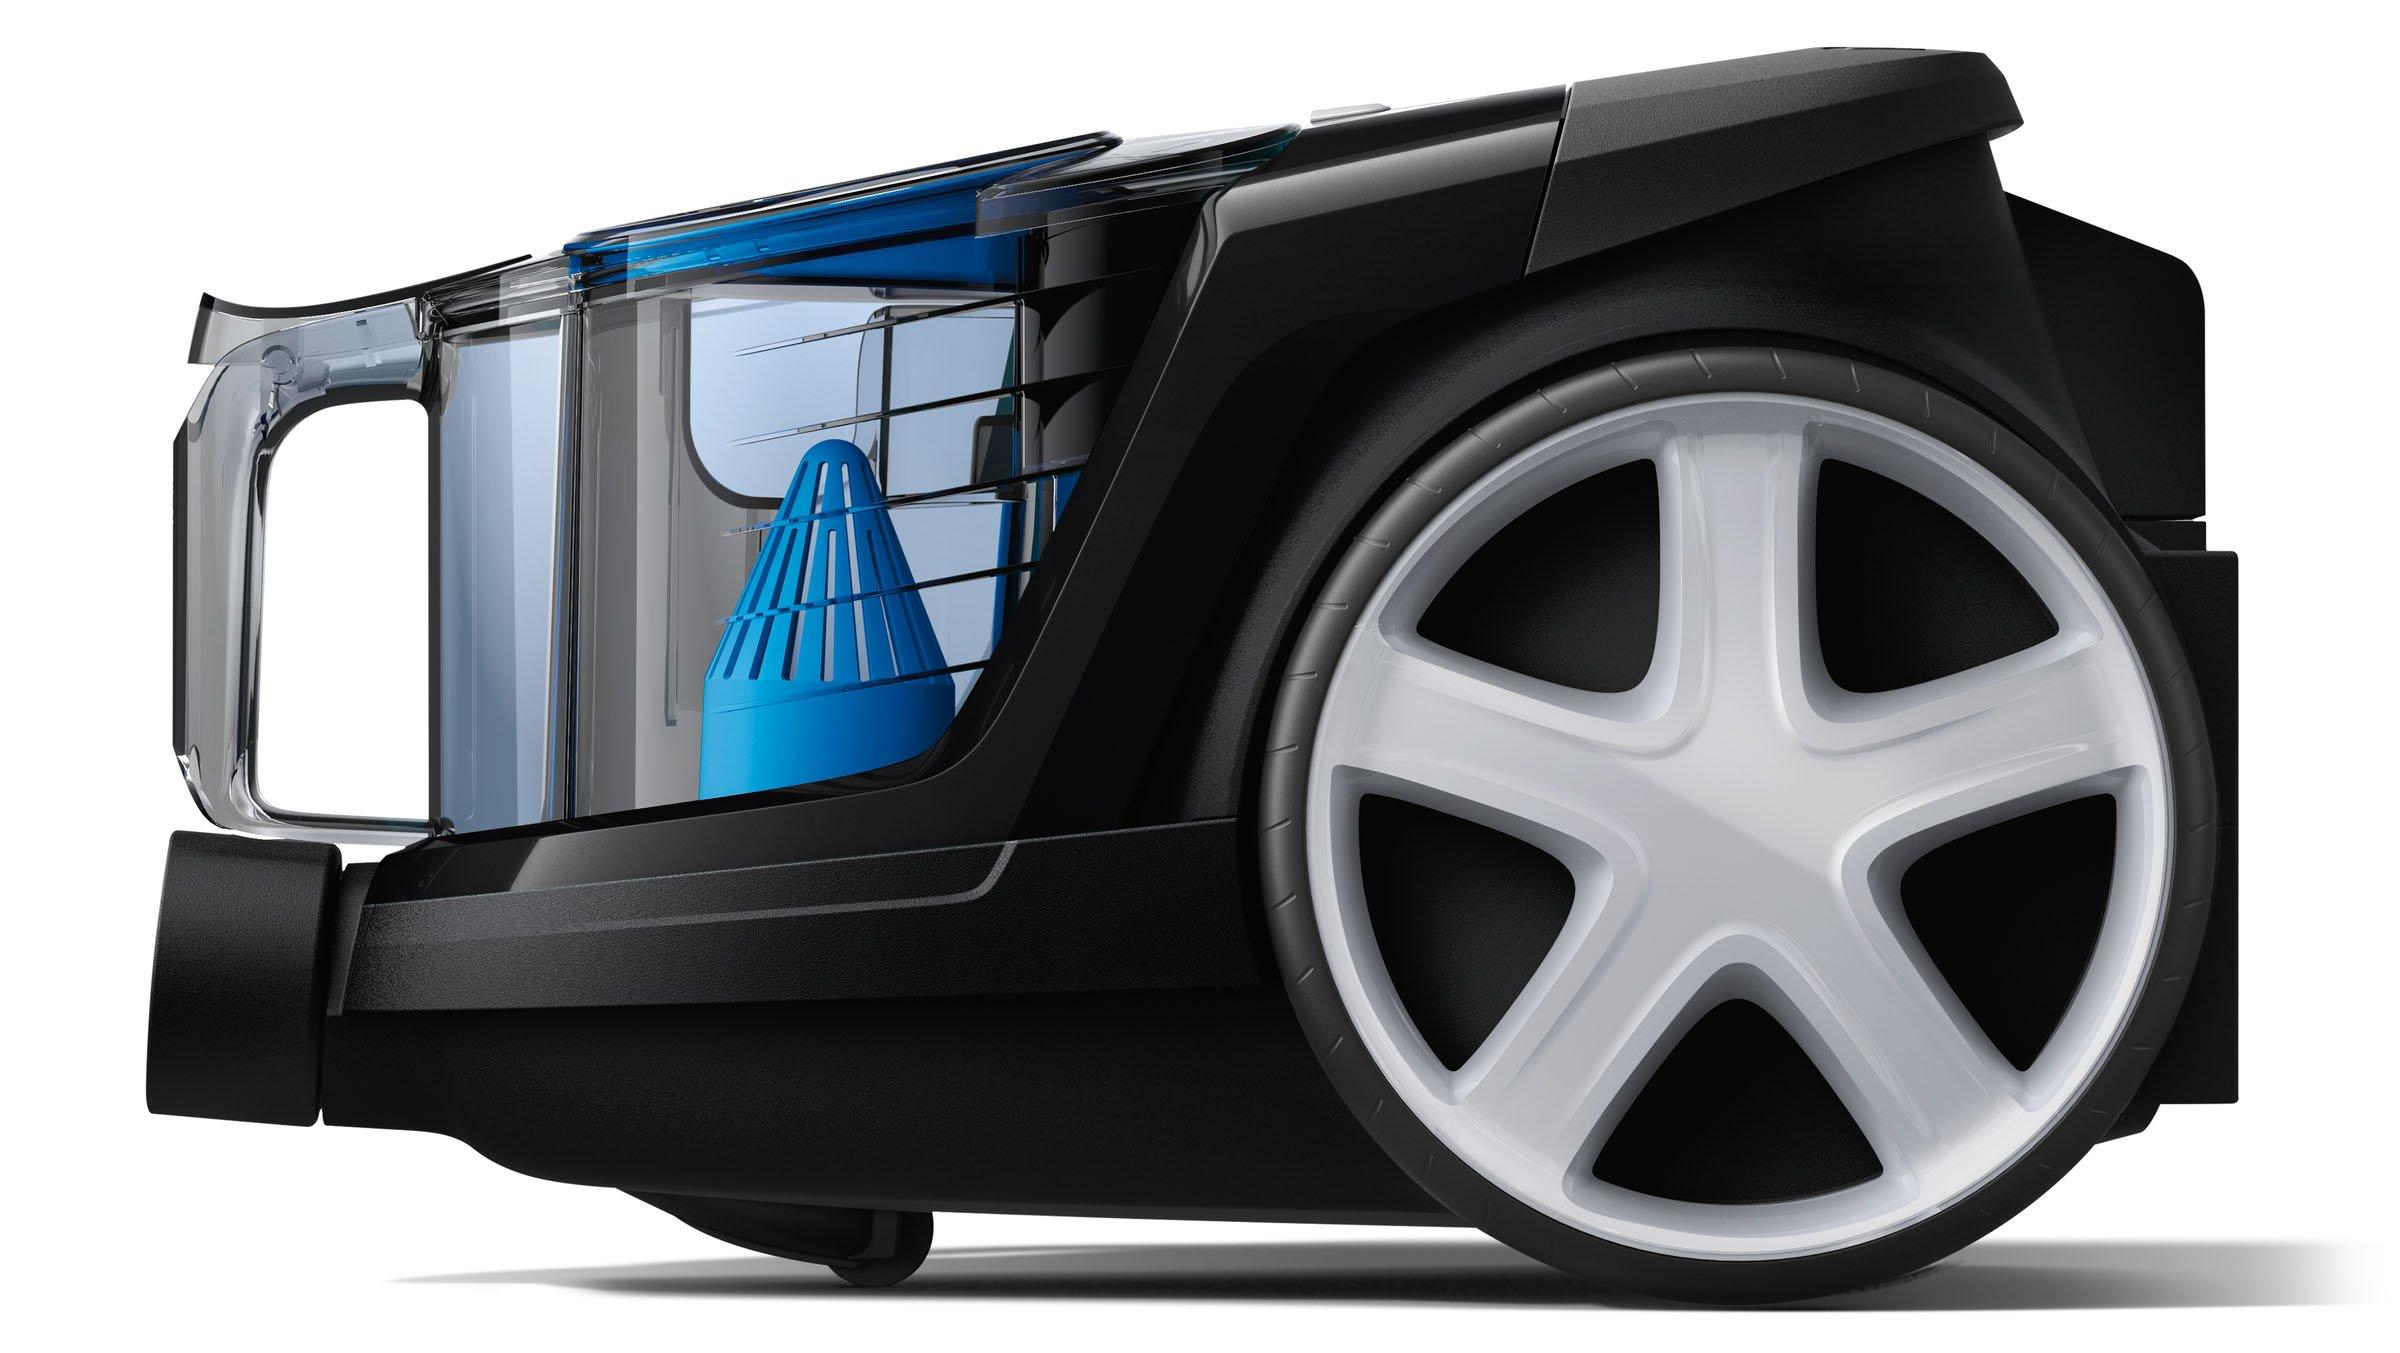 Philips beutelloser Staubsauger PowerPro Compact (sehr niedriger Stromverbrauch bei hoher Leistung, 1,5 L Staubvolumen…